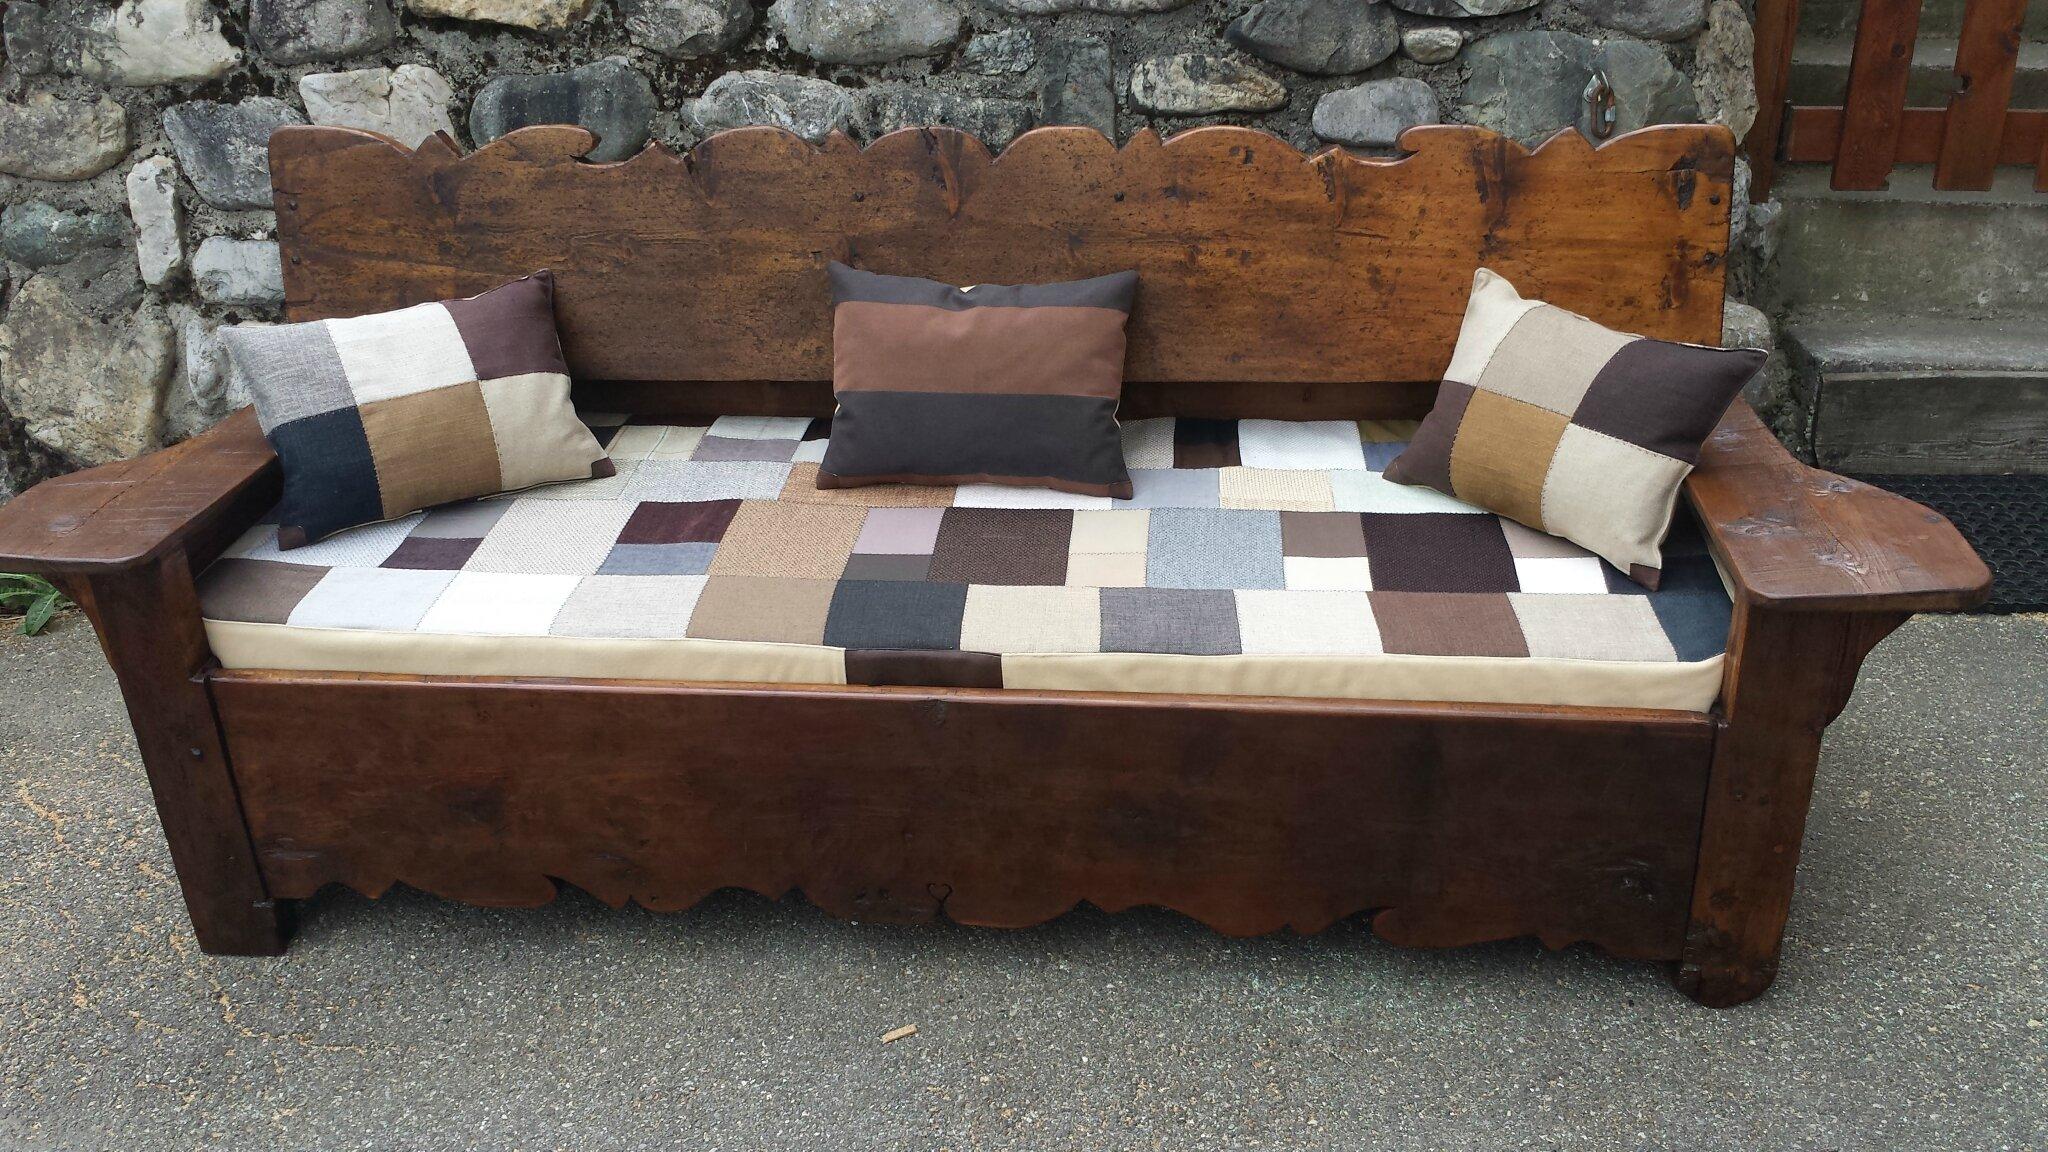 canapé vieux bois avec habillage tissu et lainage